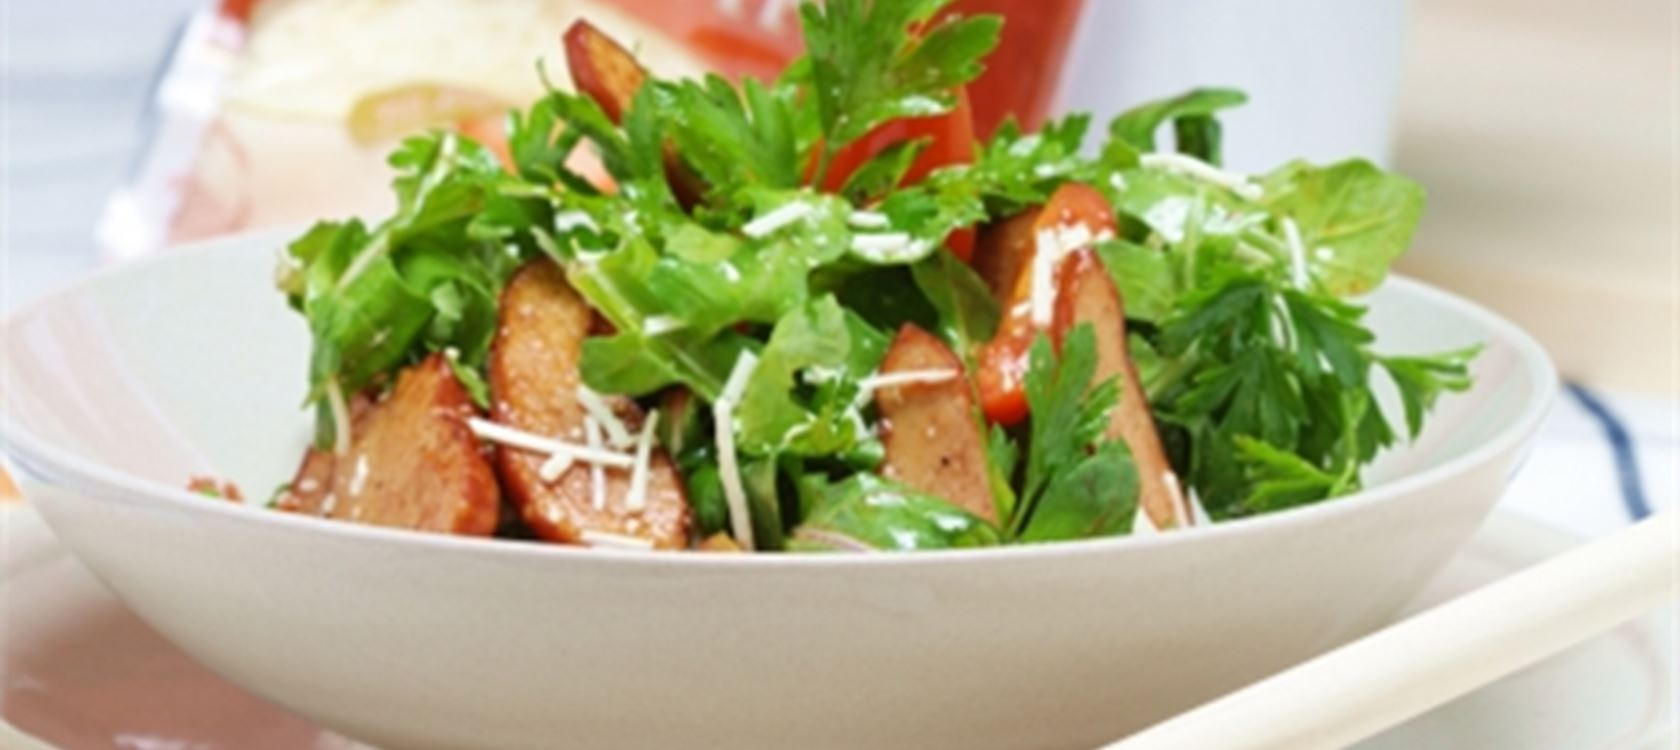 Σαλάτα με απάκι στο τηγάνι, ρόκα και τριμμένο σκληρό τυρί